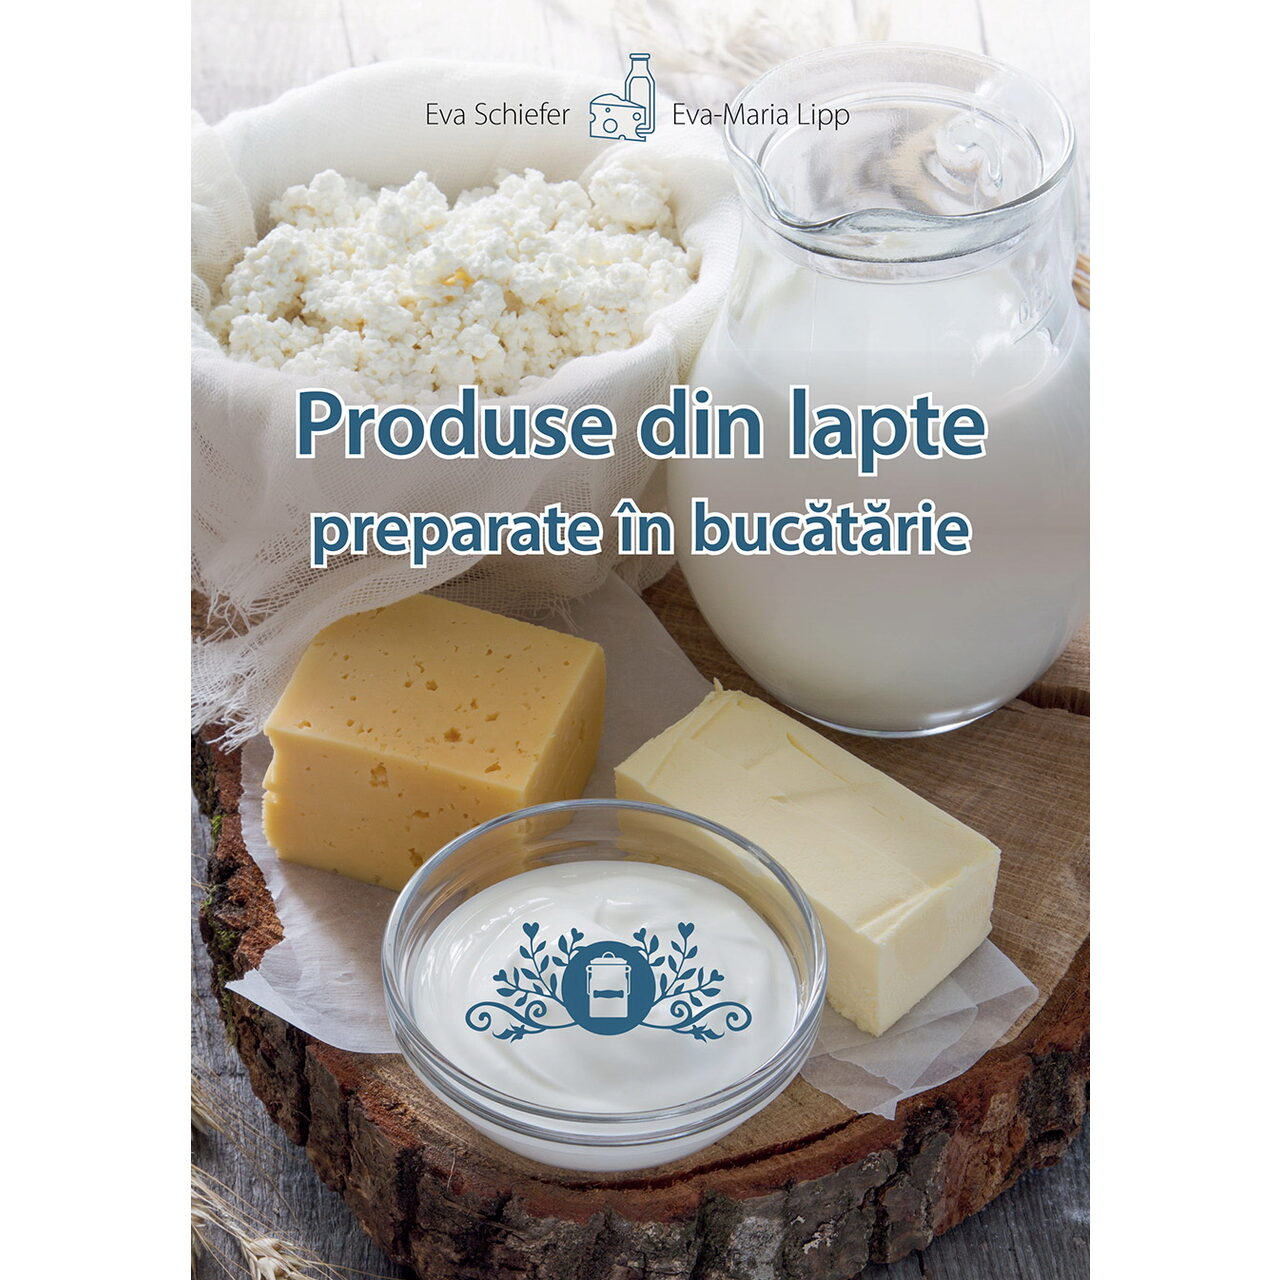 Produse din lapte preparate în bucătărie imagine edituracasa.ro